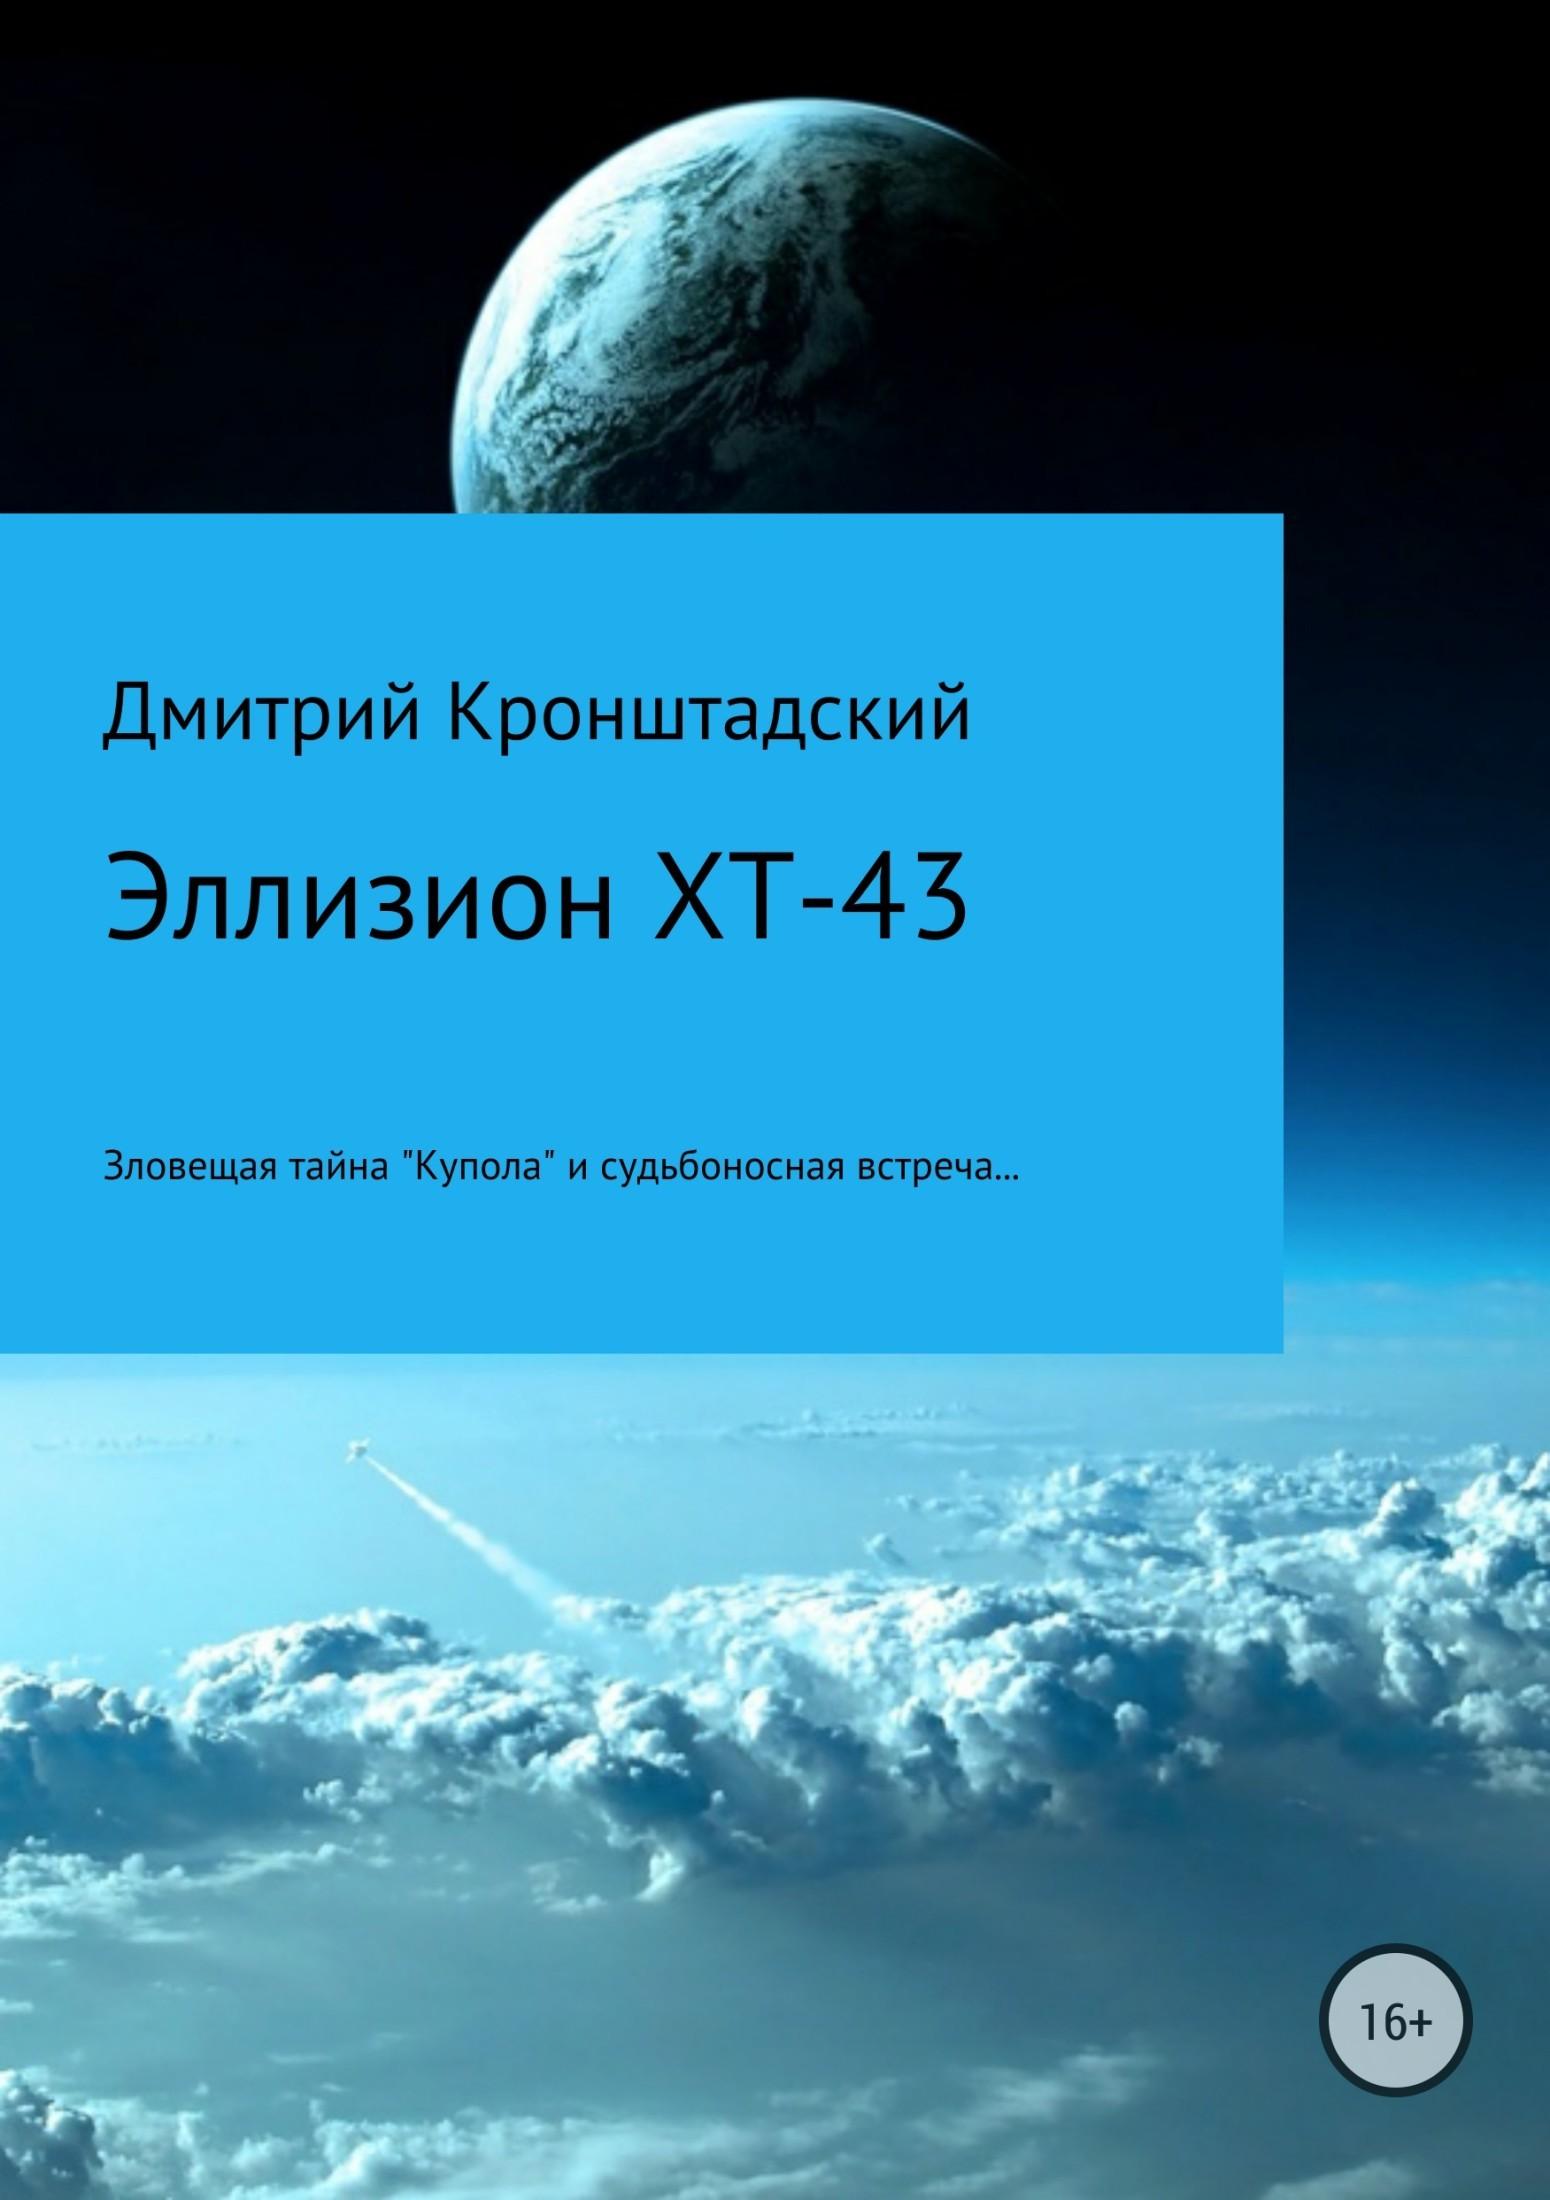 Эллизион XT-43